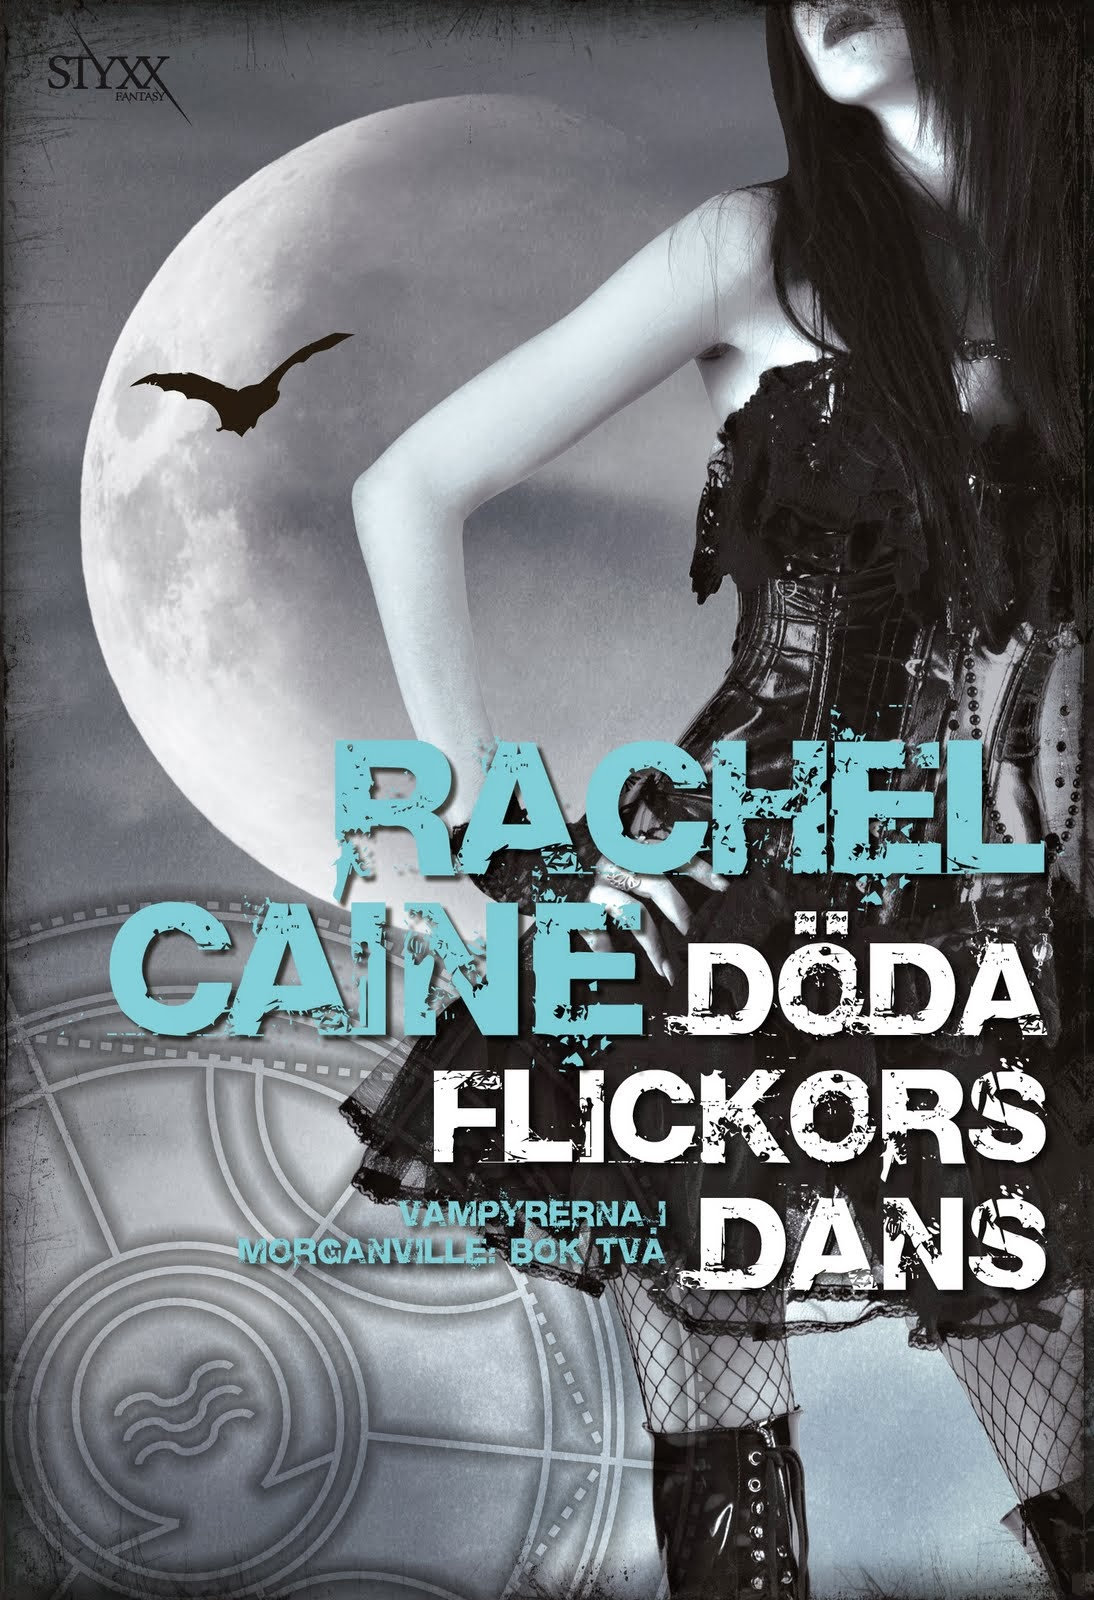 http://juliasnerdroom.blogspot.se/2013/01/recension-doda-flickors-dans-rachel.html#